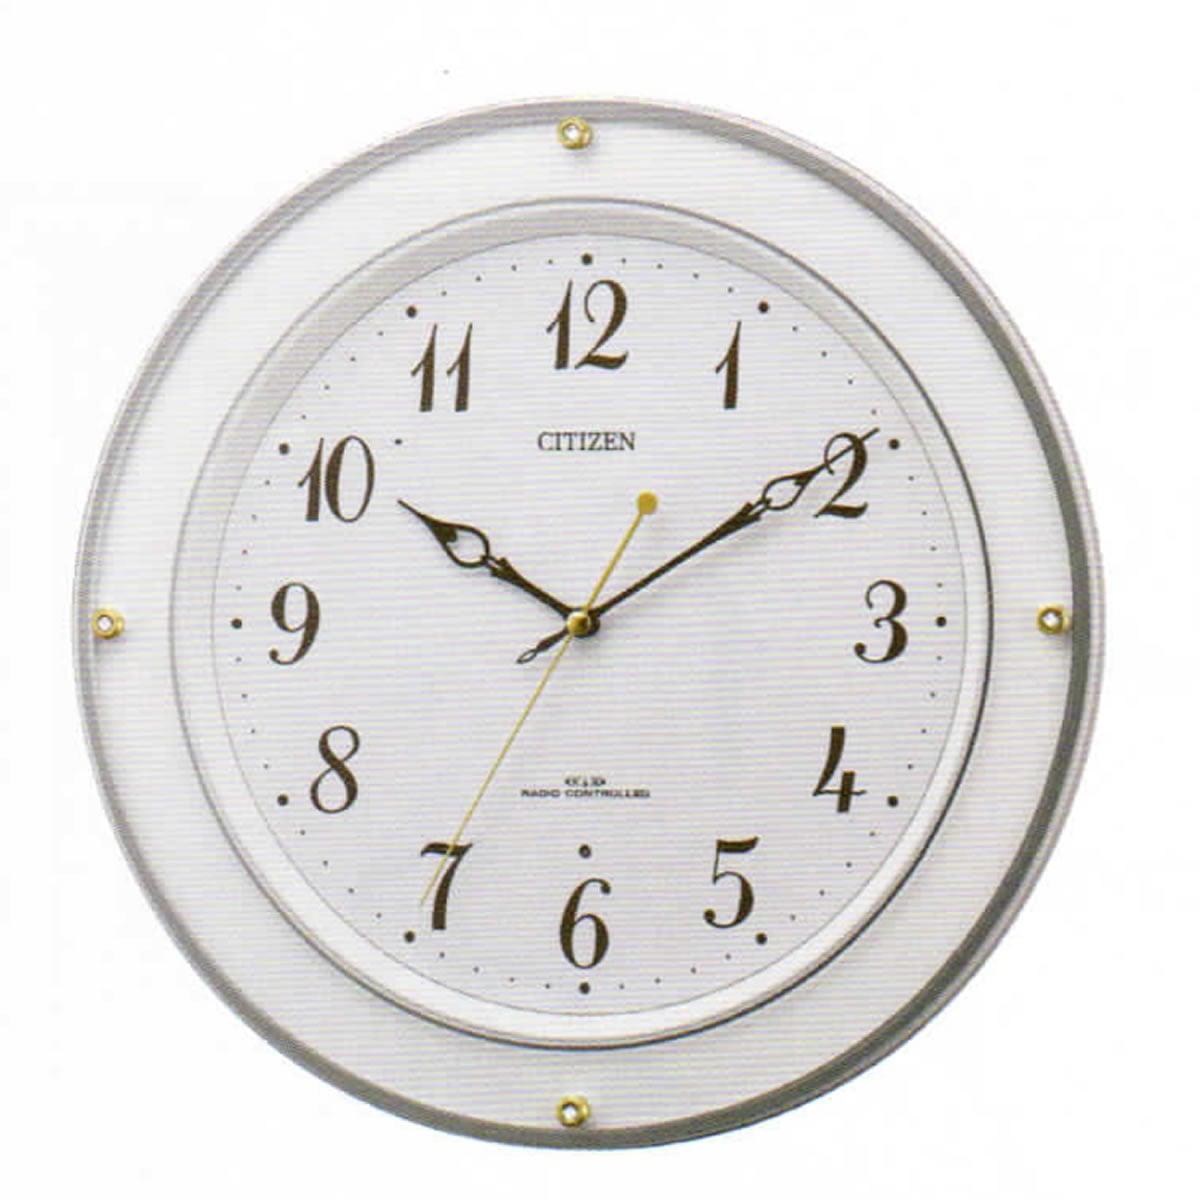 CITIZEN(シチズン)電波掛け時計 8MY518-003